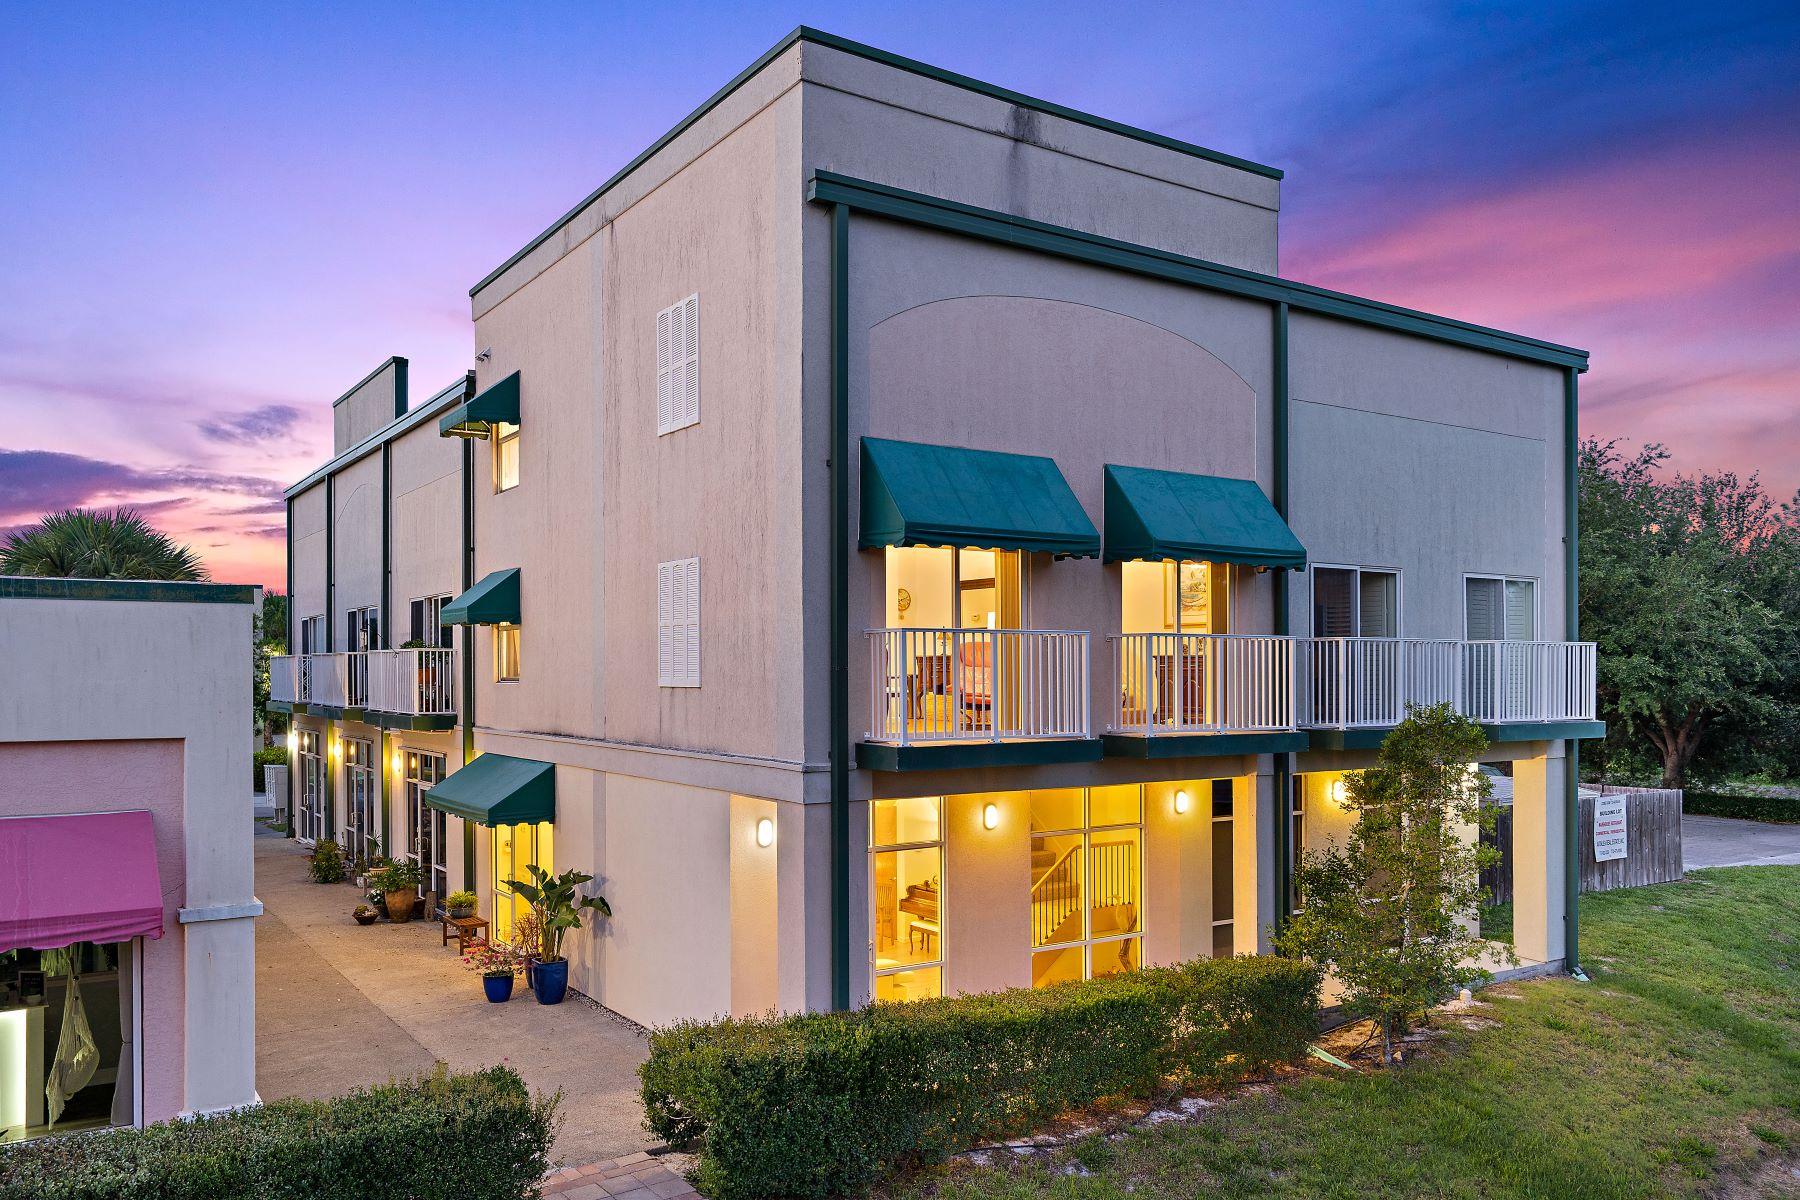 Πολυκατοικία ατομικής ιδιοκτησίας για την Πώληση στο 437 Ne Baker Road 437 Ne Baker Road Stuart, Φλοριντα 34994 Ηνωμενεσ Πολιτειεσ